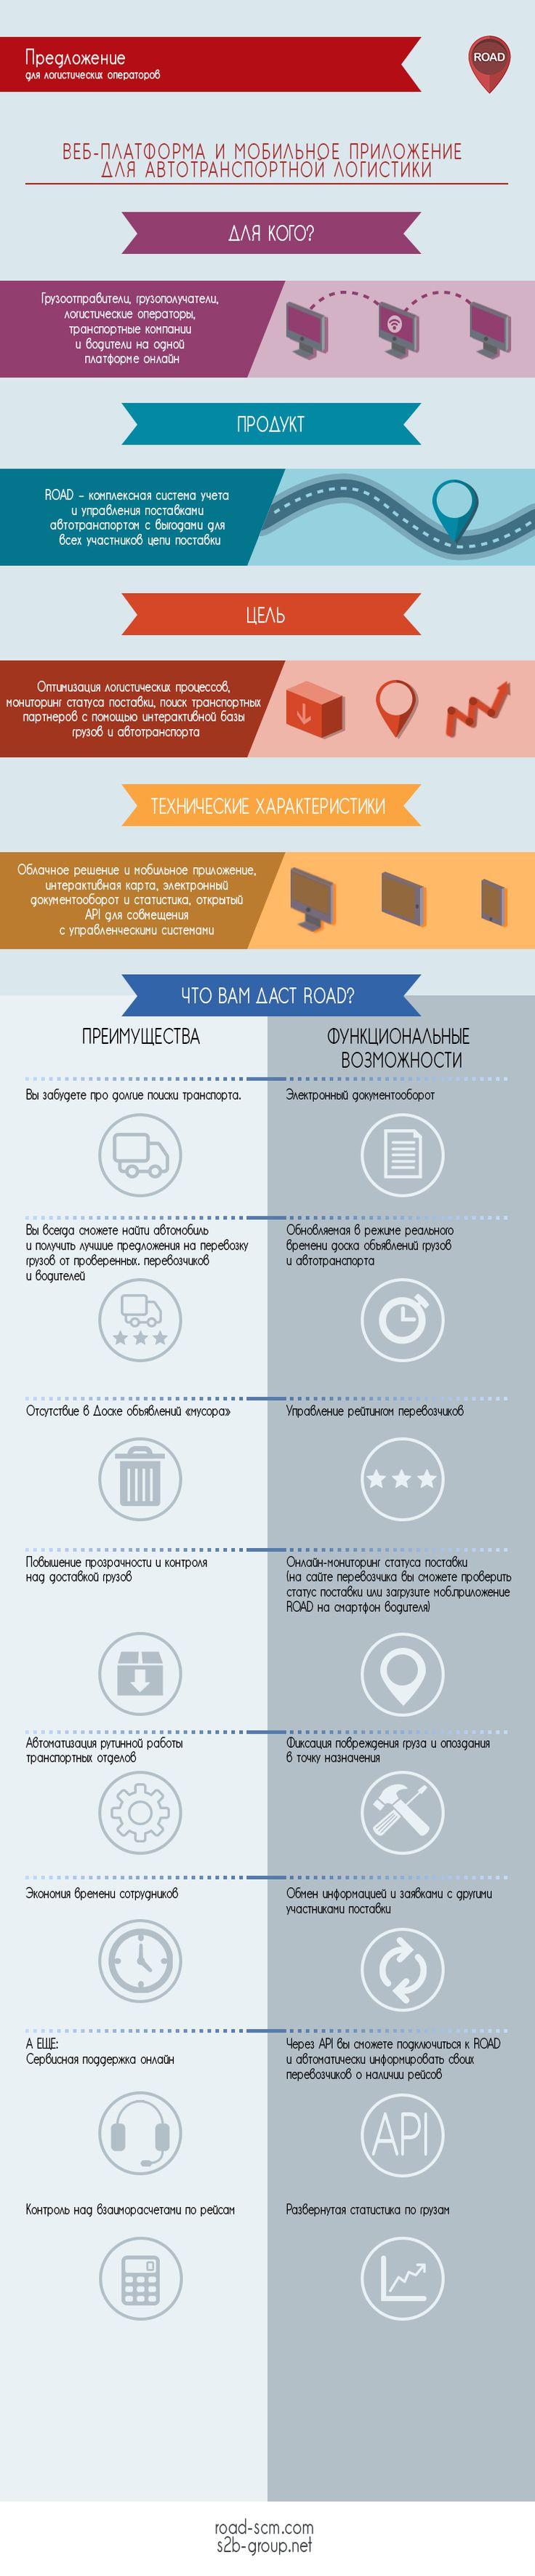 ROAD: Веб-платформа и мобильное предложение для автотранспортной логистики.  Предложение для ЛОГИСТИЧЕСКИХ ОПЕРАТОРОВ #логистика #logistics #s2bgroup #scm #грузоперевозки